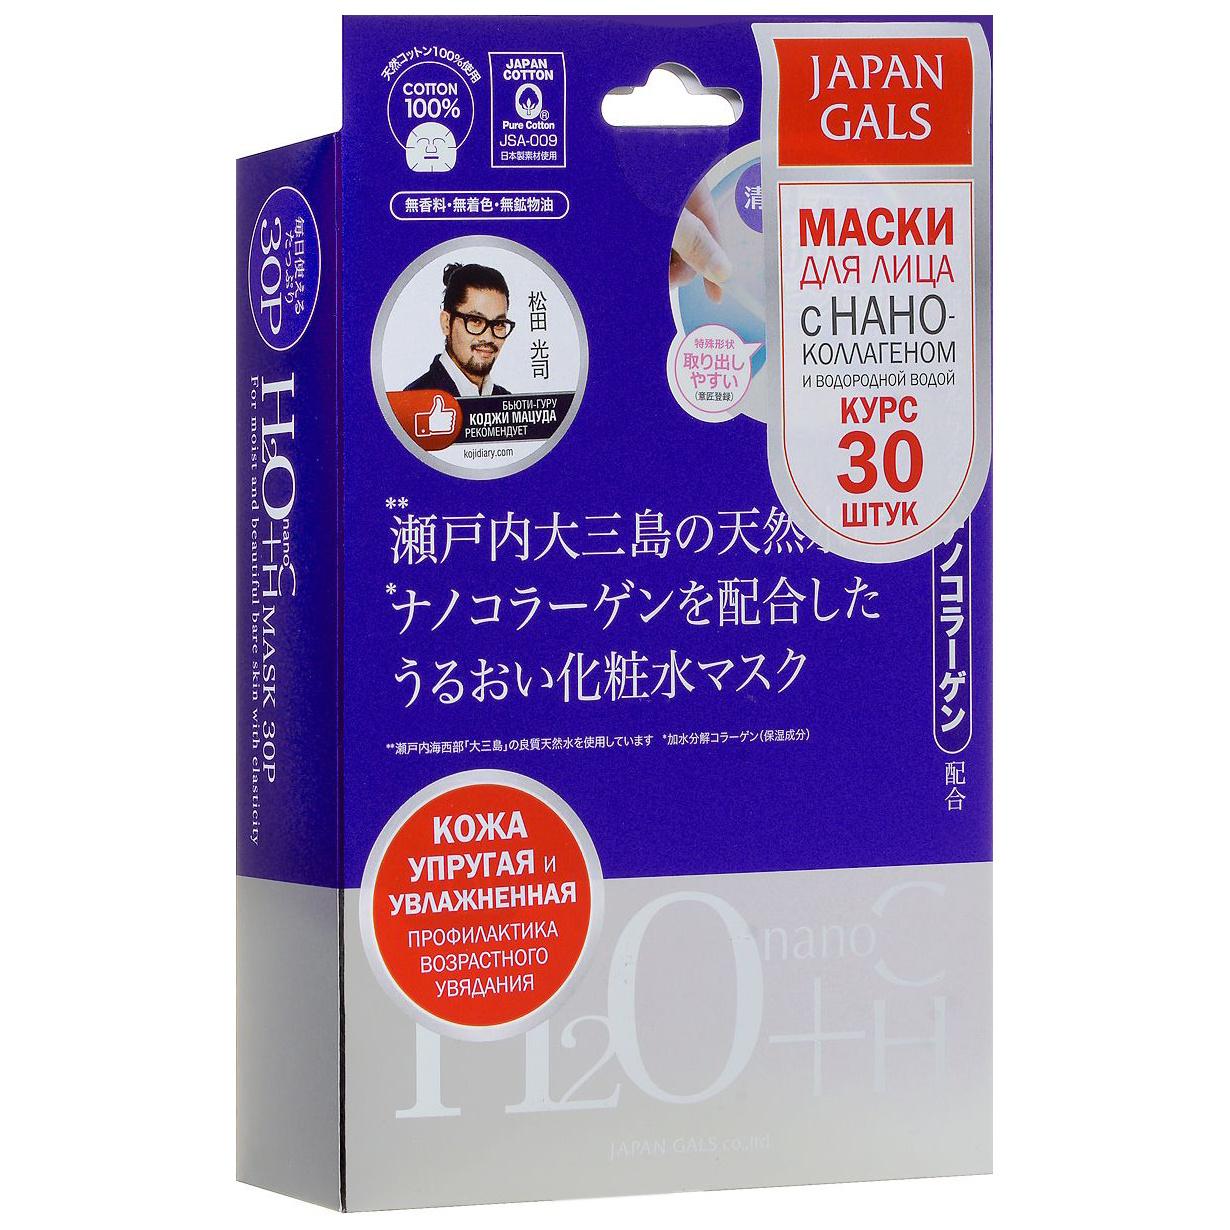 Маска для лица Japan Gals Водородная вода + Нано-коллаген 30 шт